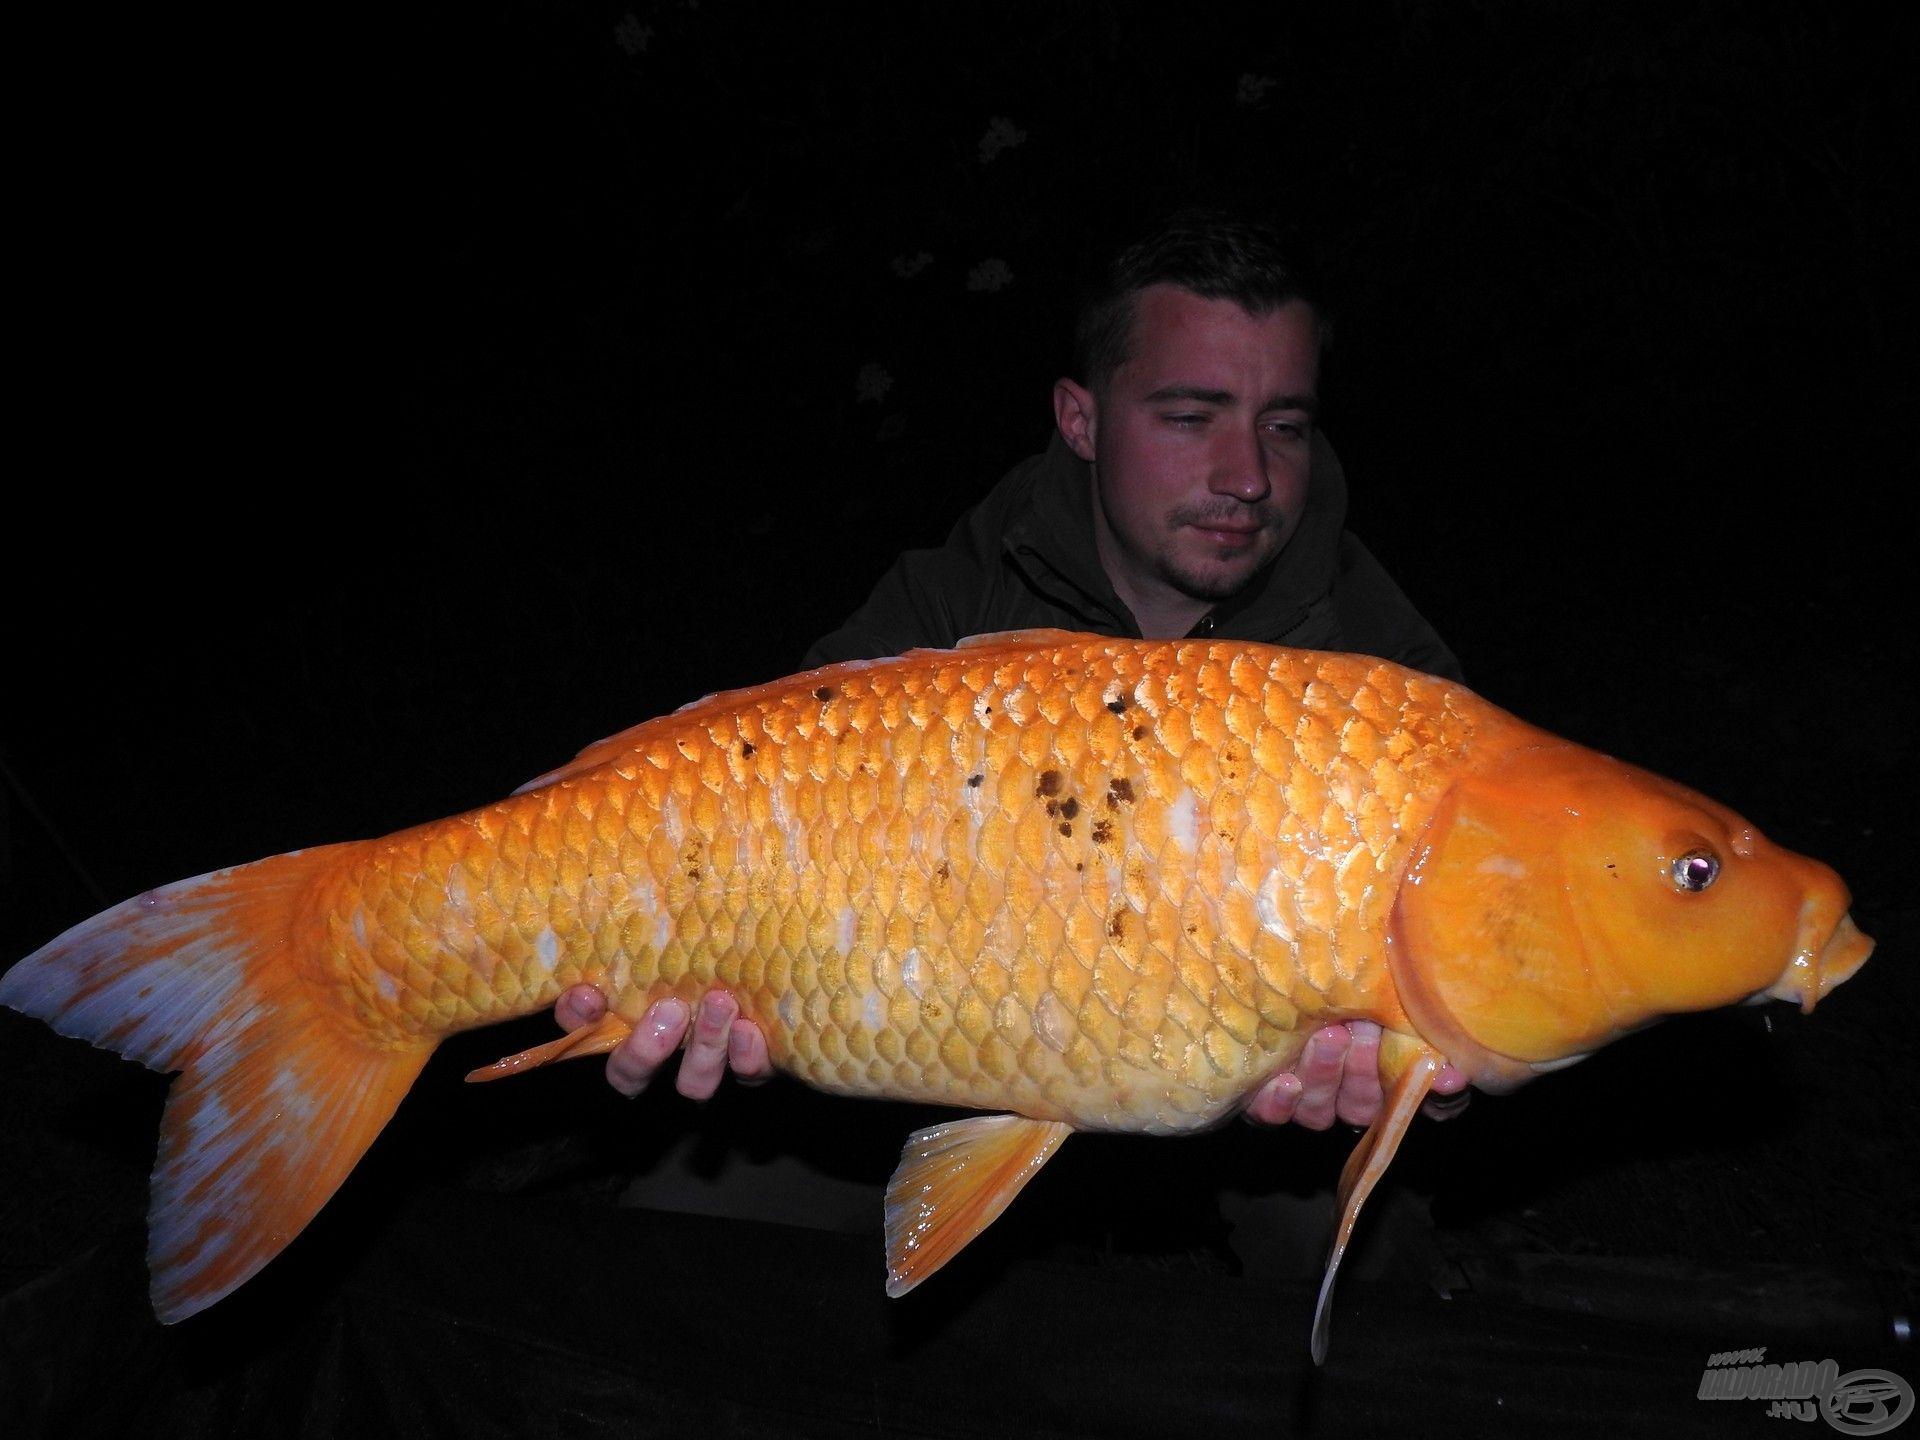 Újabb szép hal színesítette esténket